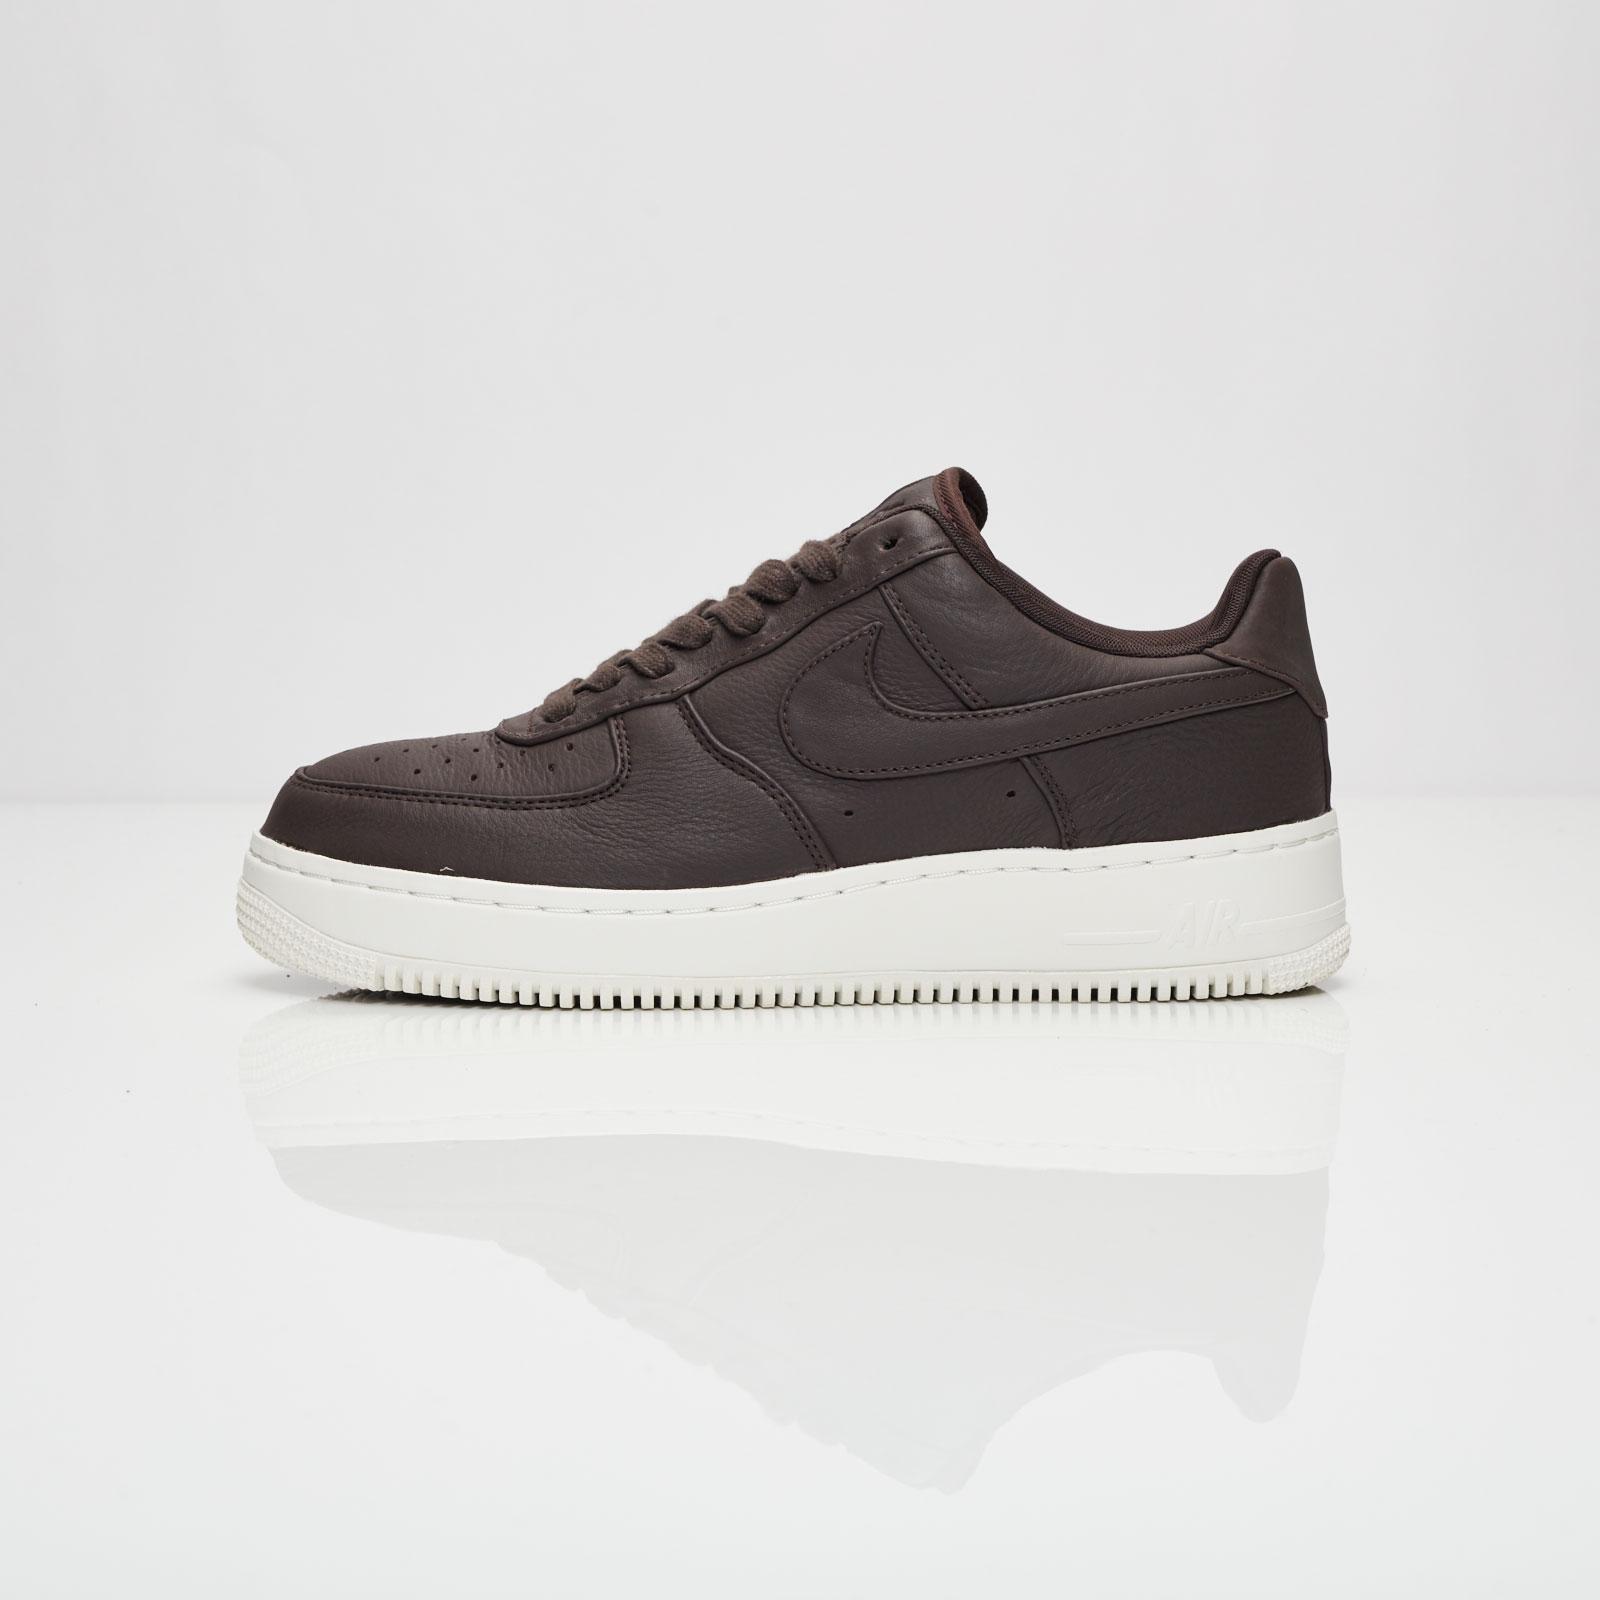 the latest 18559 e1b53 Nike Air Force 1 Low - 905618-200 - Sneakersnstuff   sneakers   streetwear  online since 1999